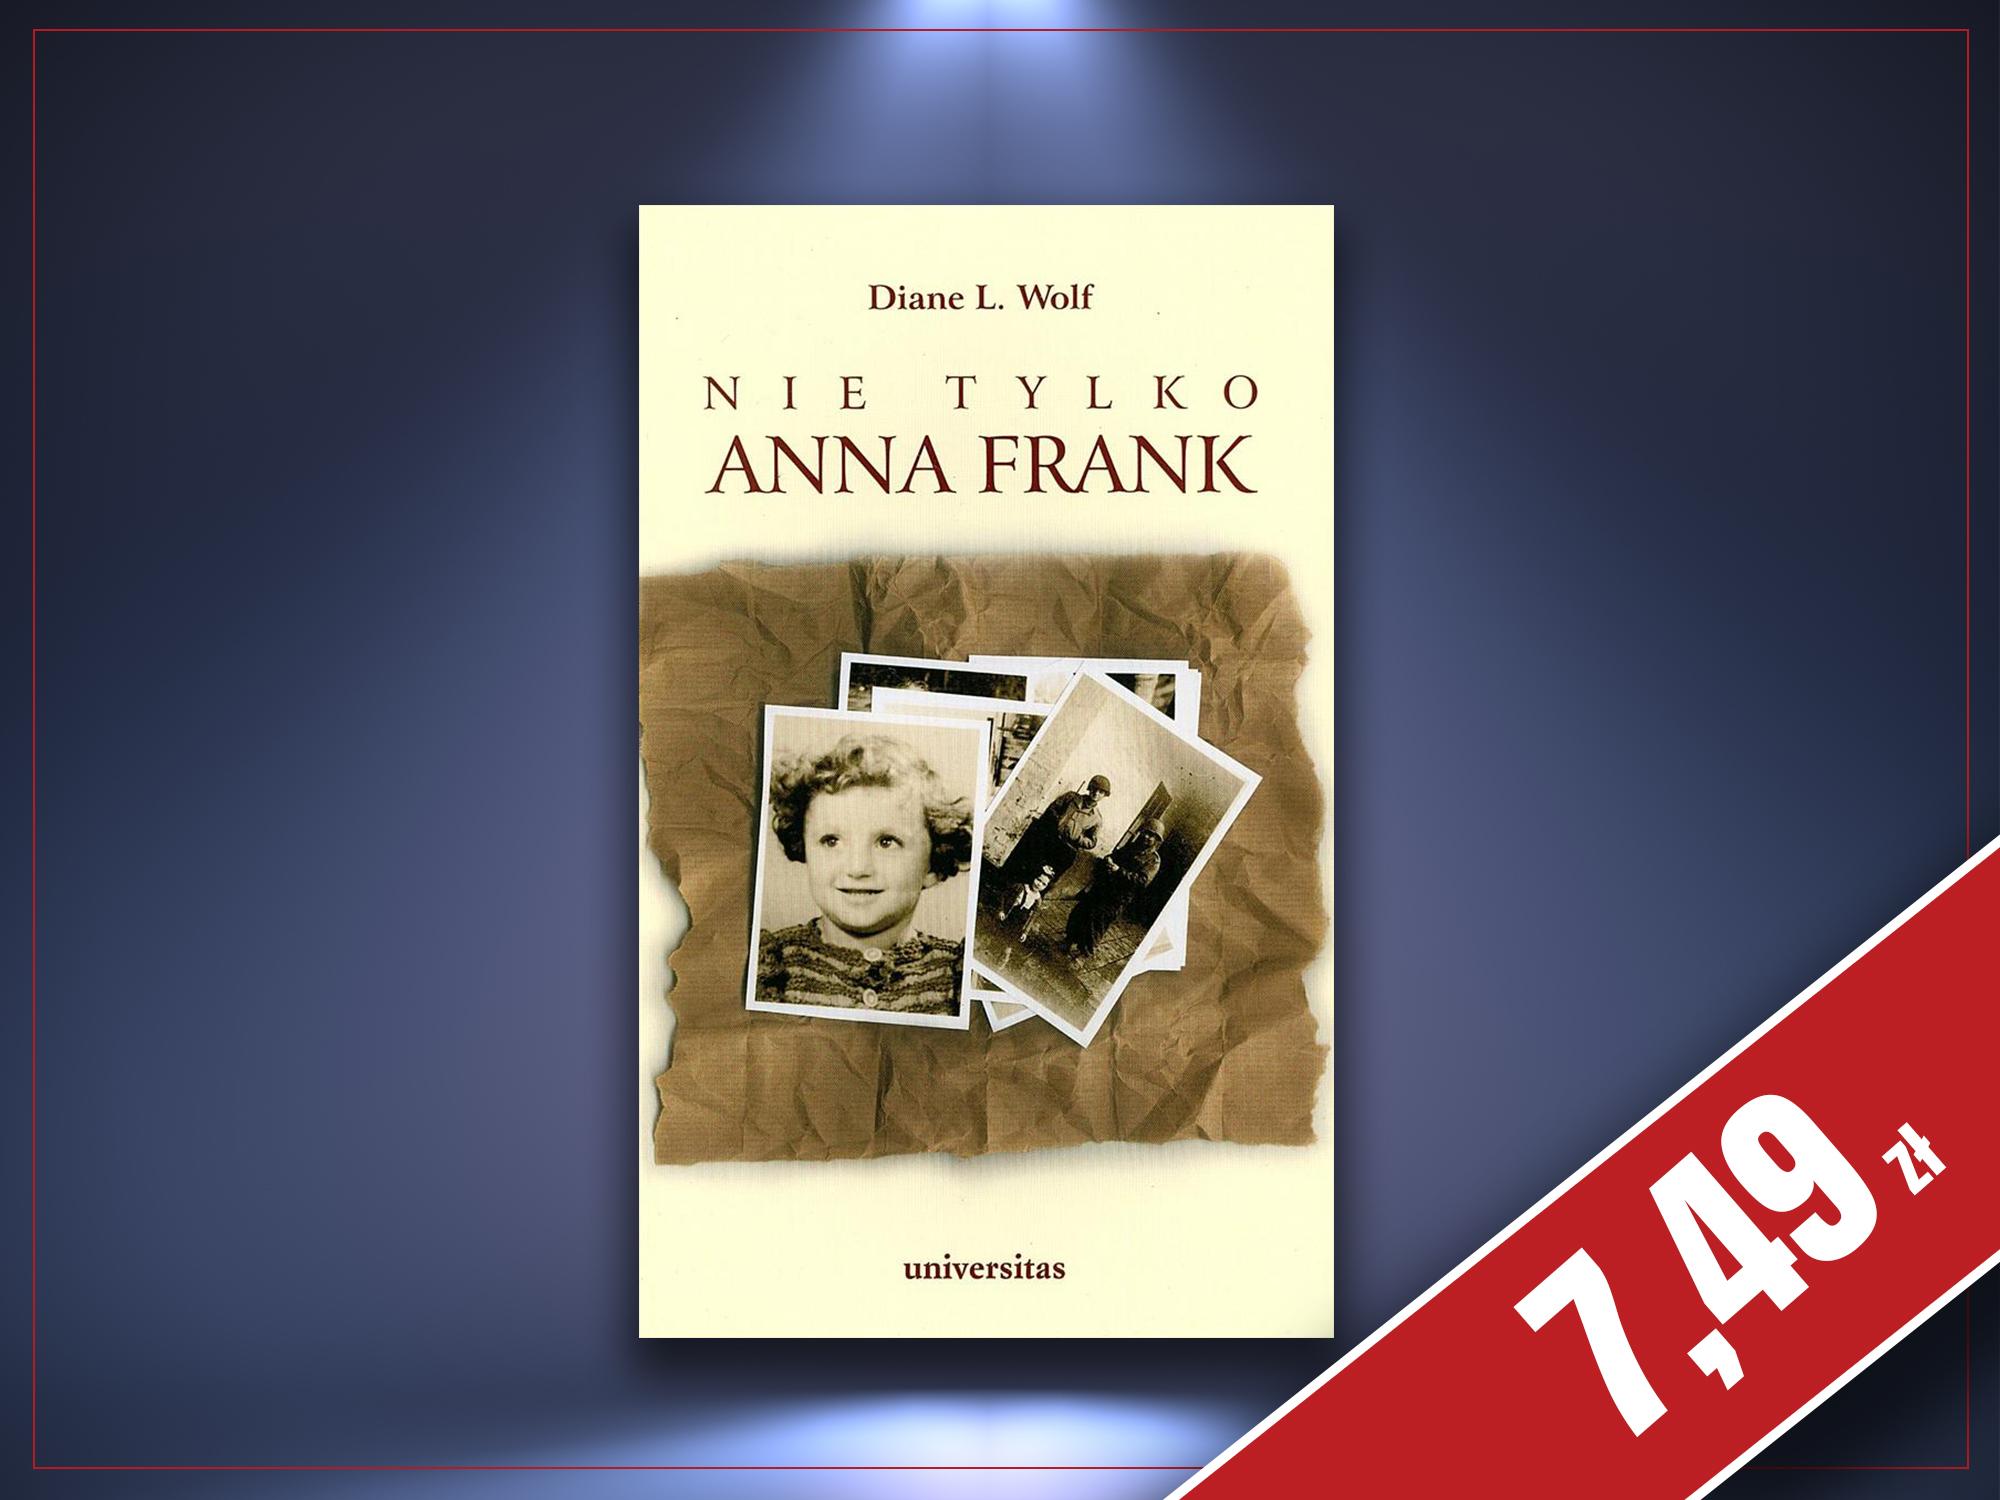 Nie tylko Anna Frank, Diane L. Wolf